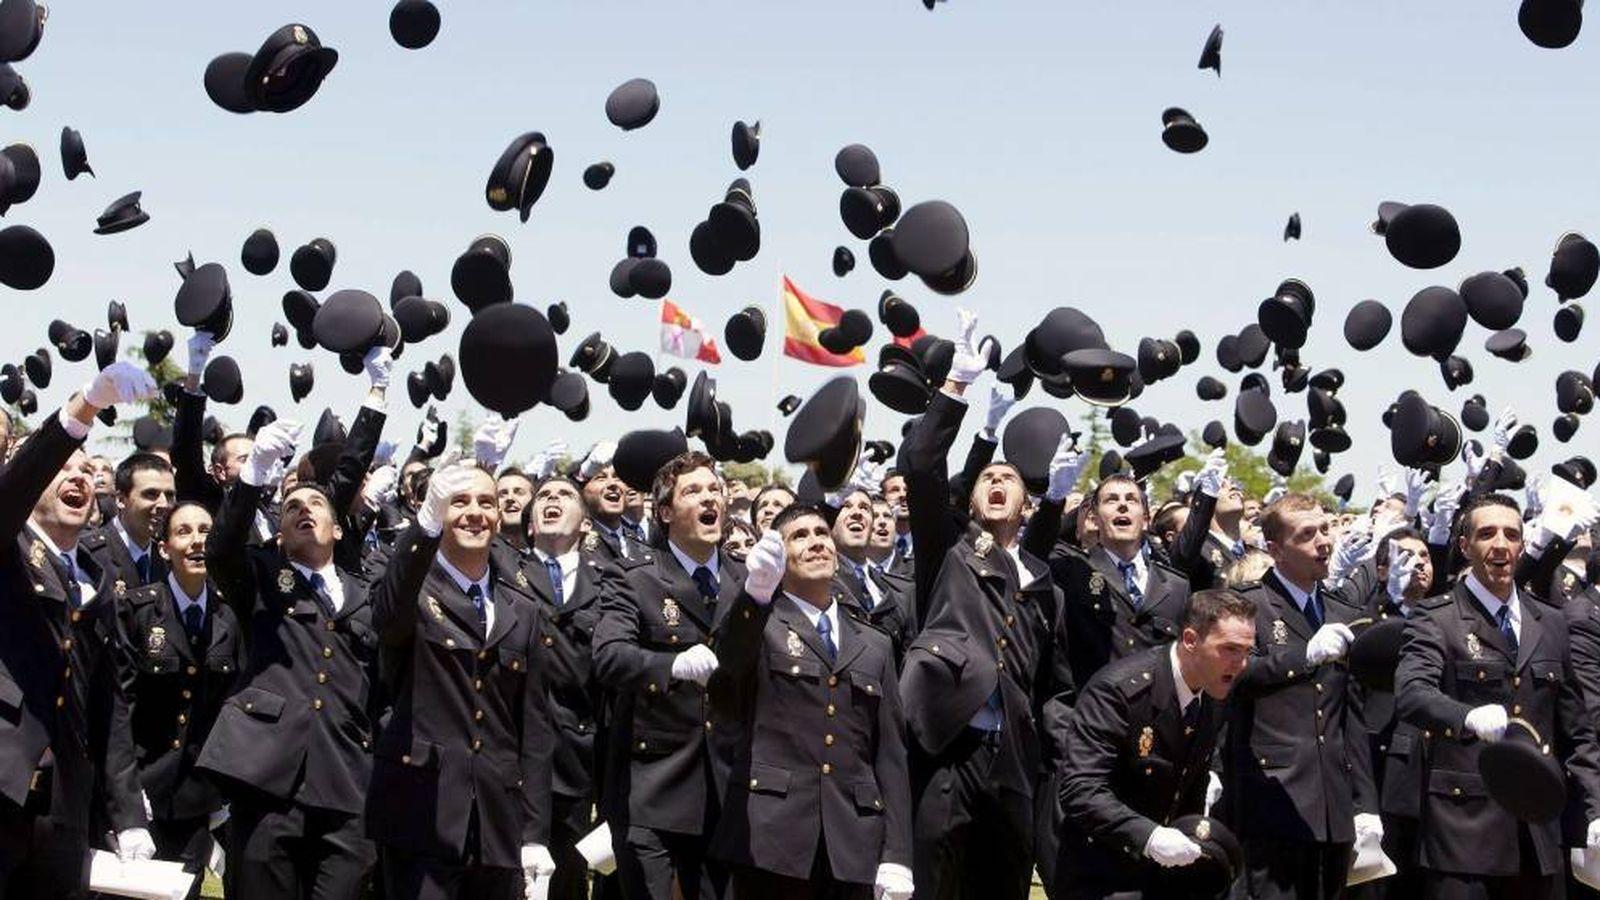 Foto: XXVI Promoción de Ingreso en la Escala Básica de la Policía. (EFE)